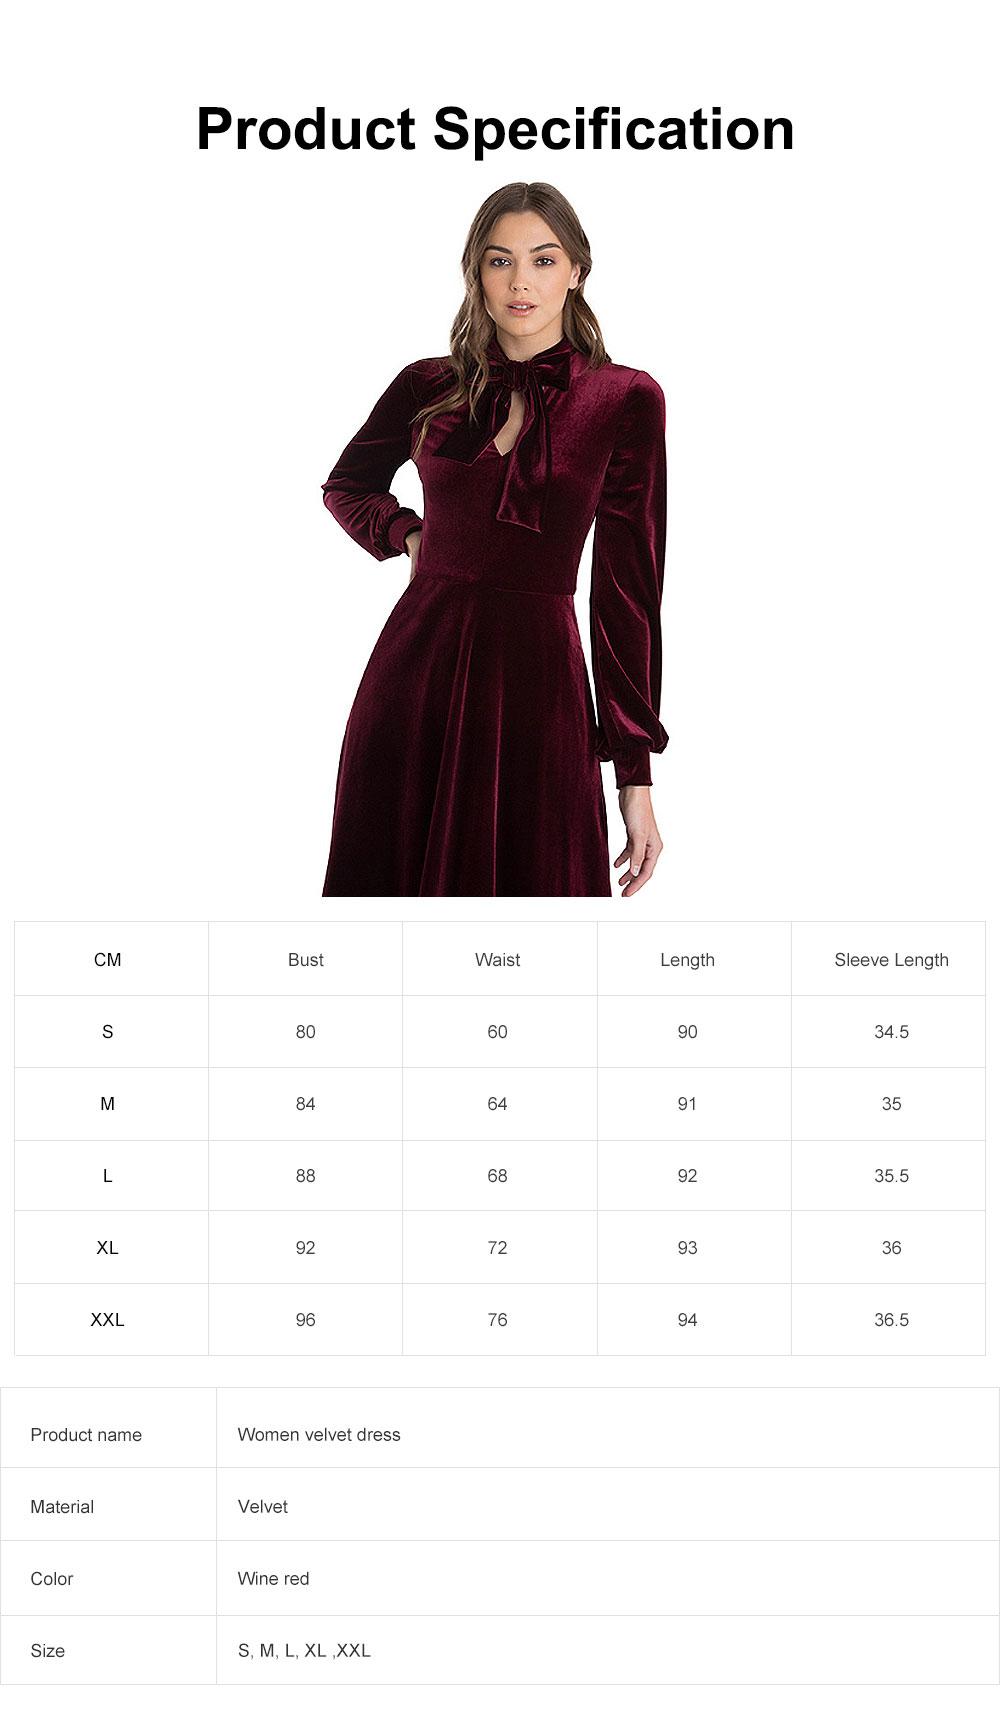 Women Choker V-Neck Velvet Dress Flare Long Sleeve Elegant A Line Dress with Bowknot Design 6